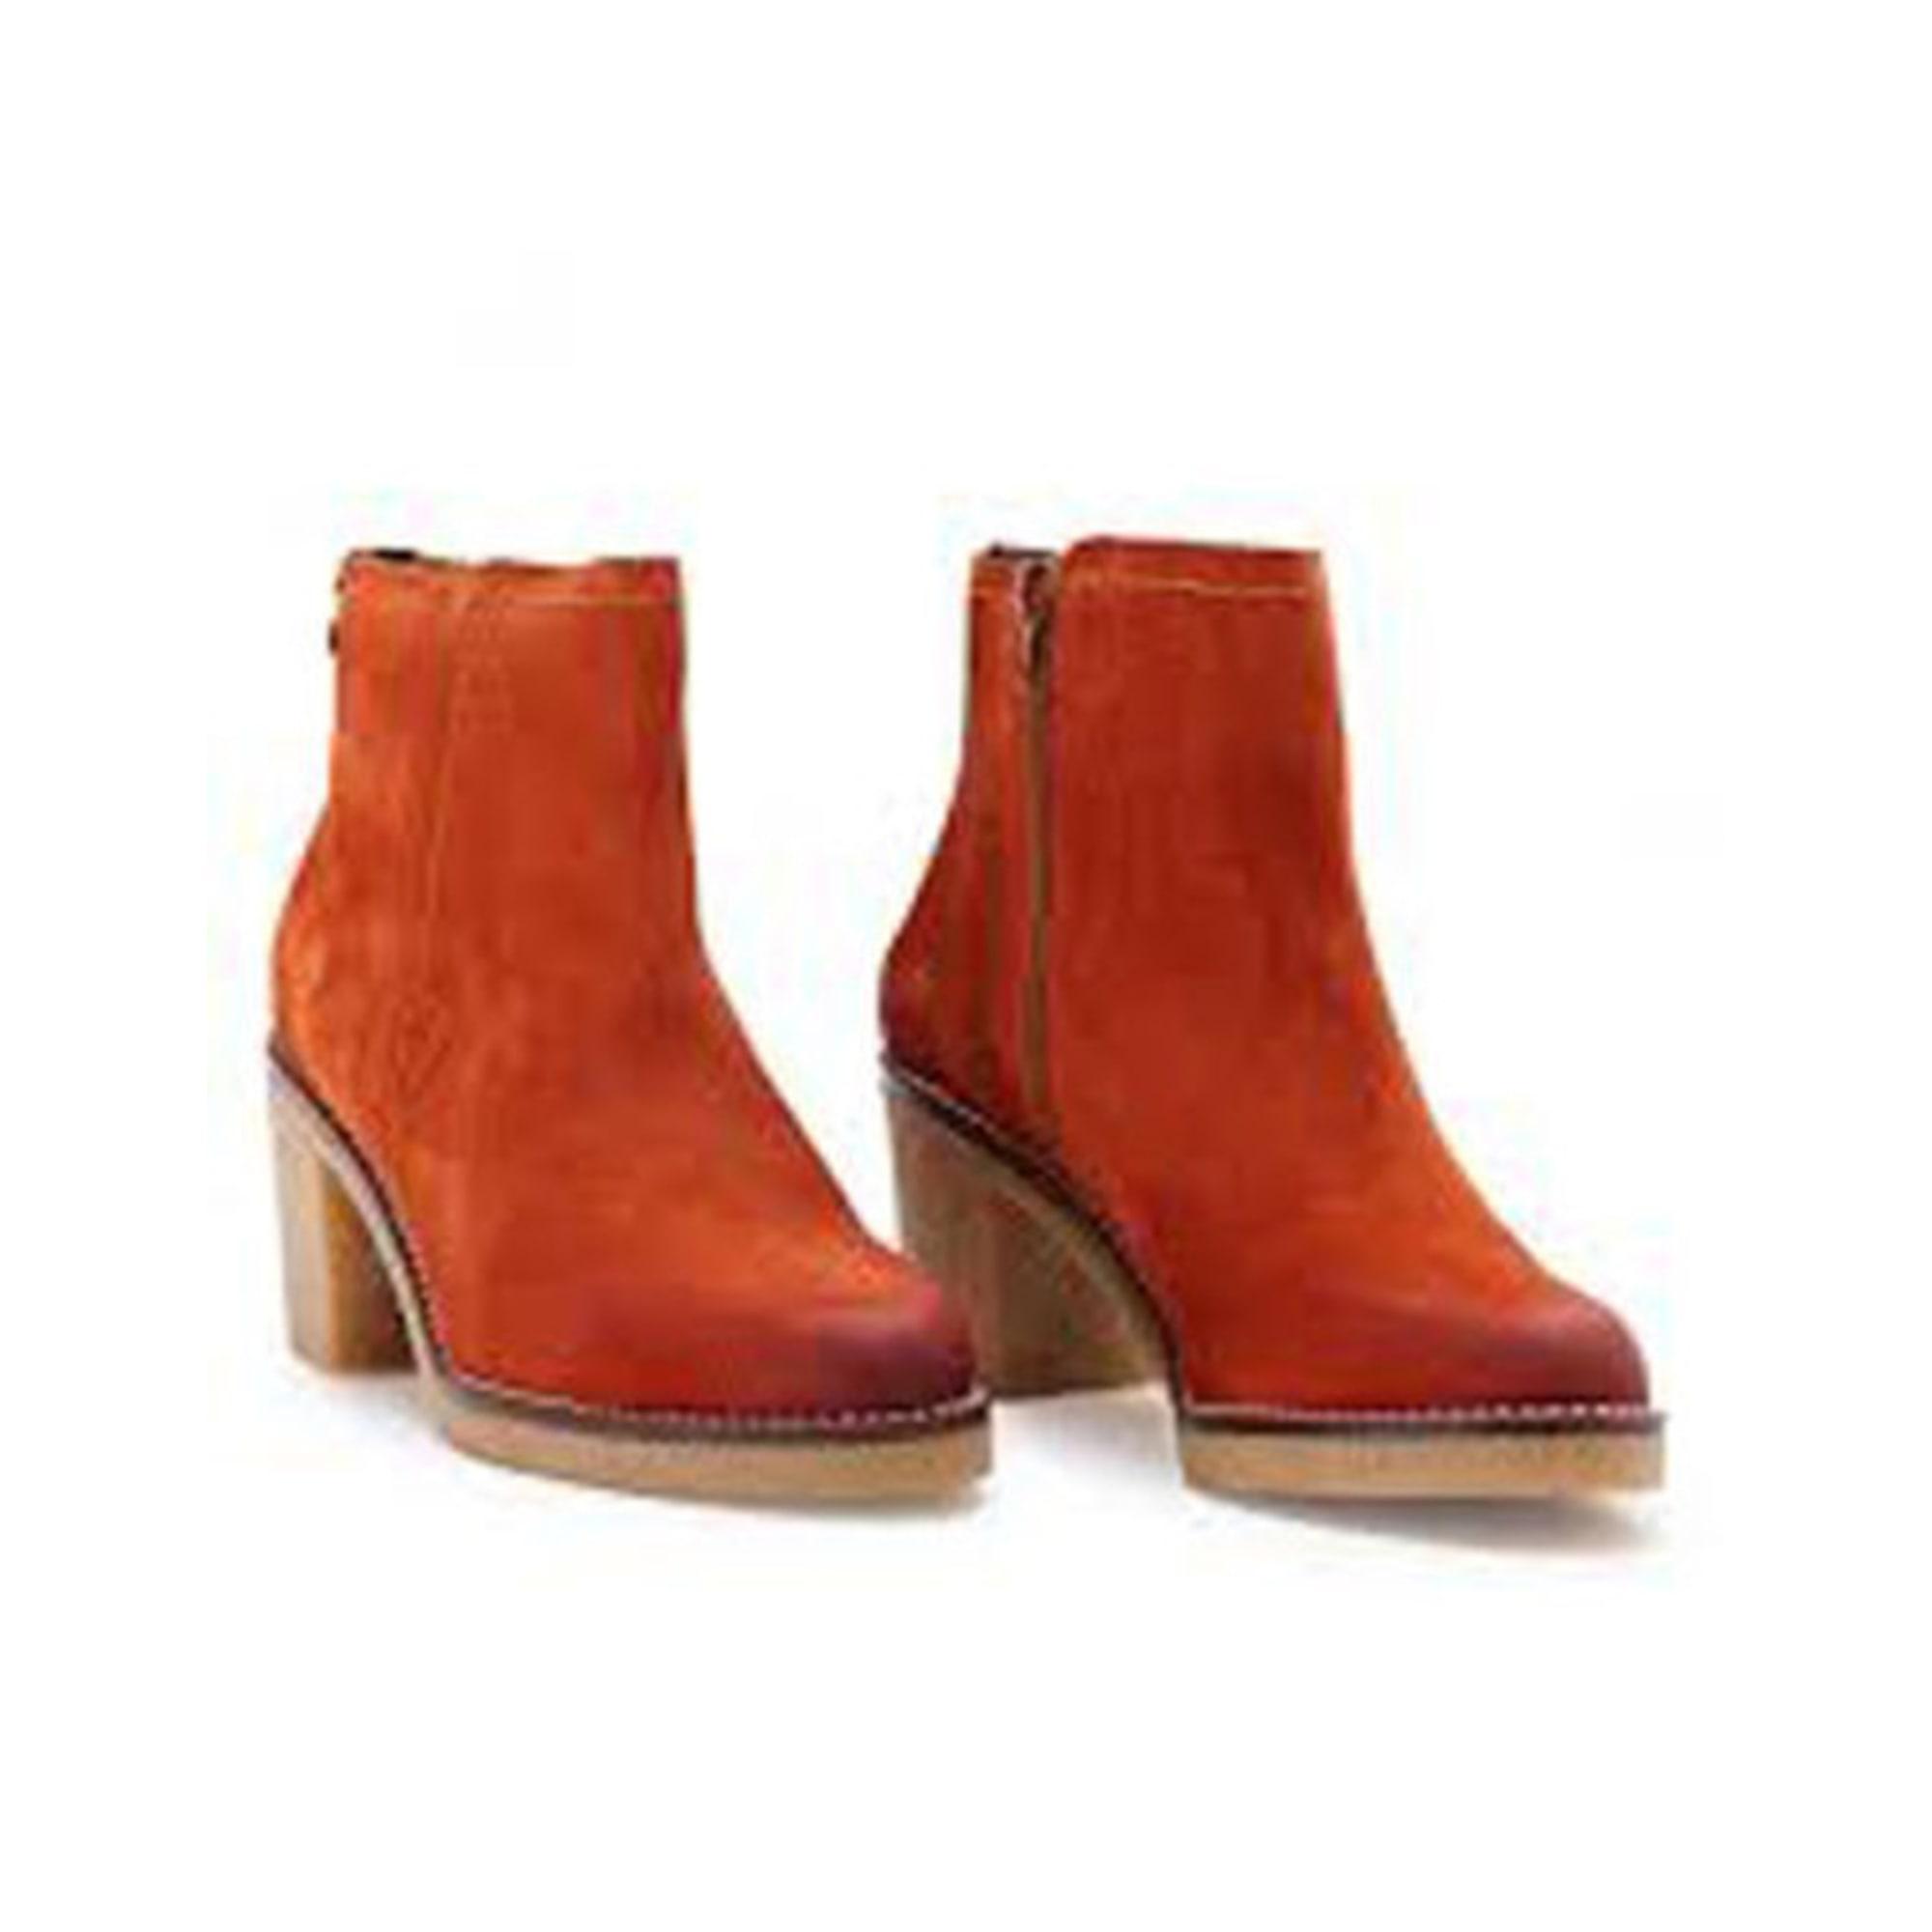 plus récent 88eae b1f7e Bottines & low boots à talons